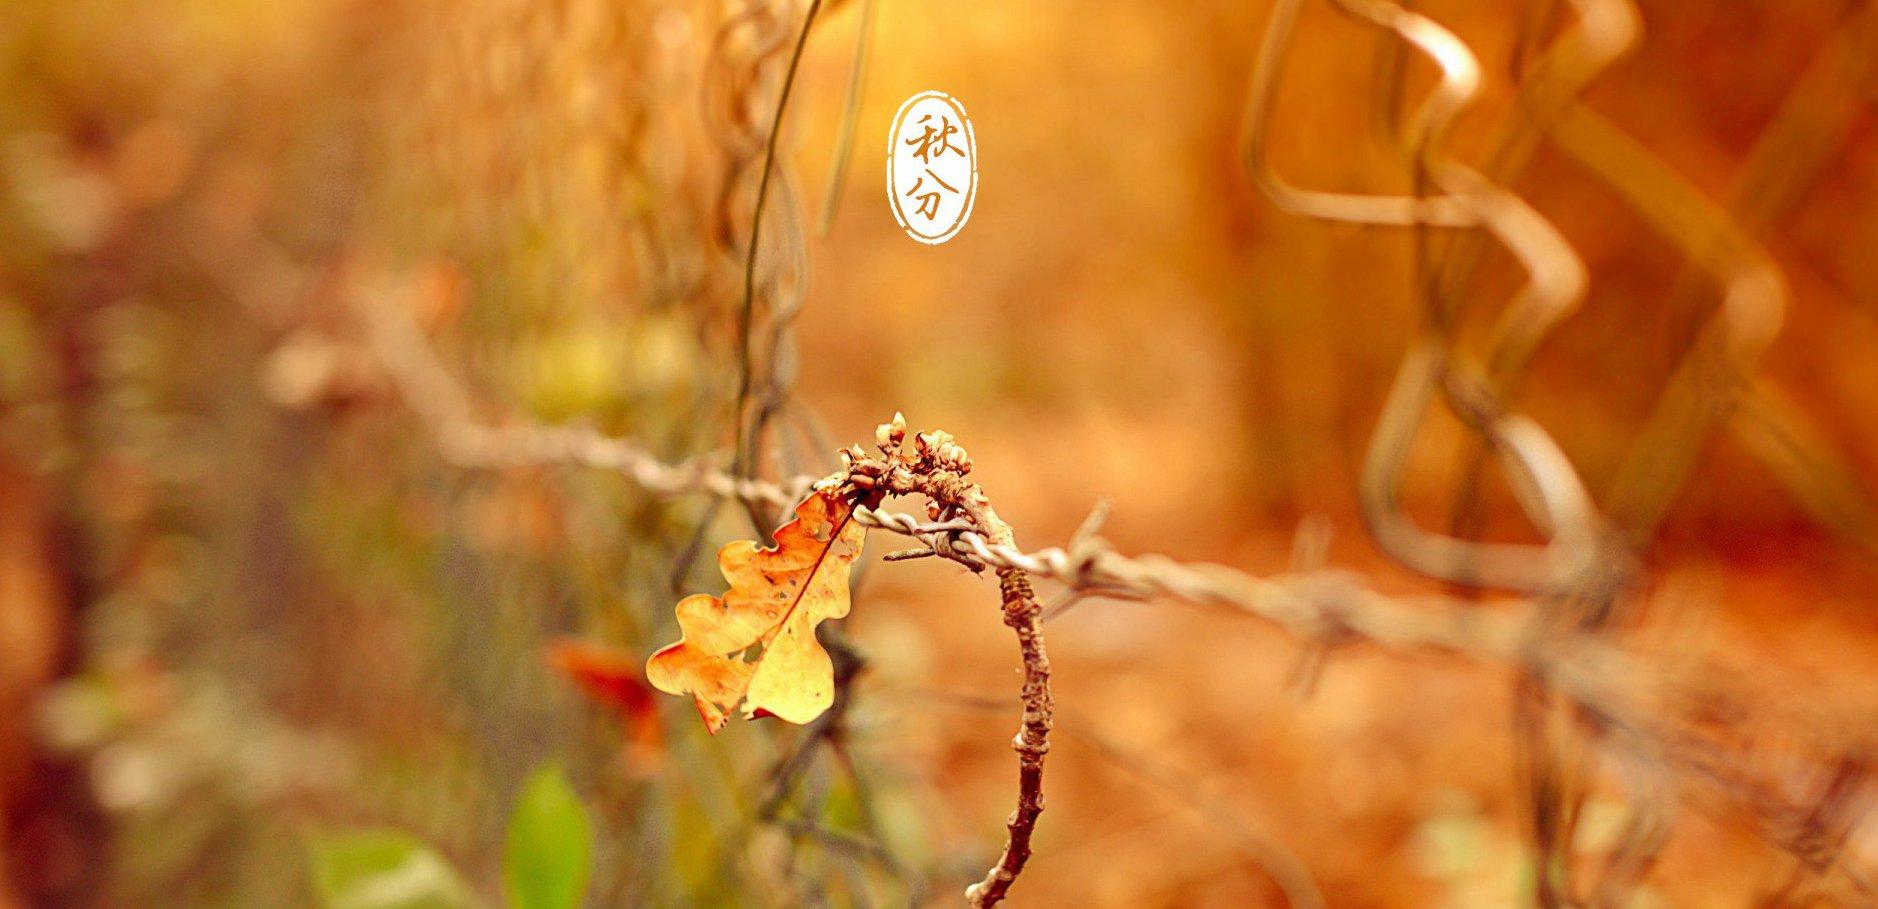 秋季三个部位不能冻 注意饮食解秋燥